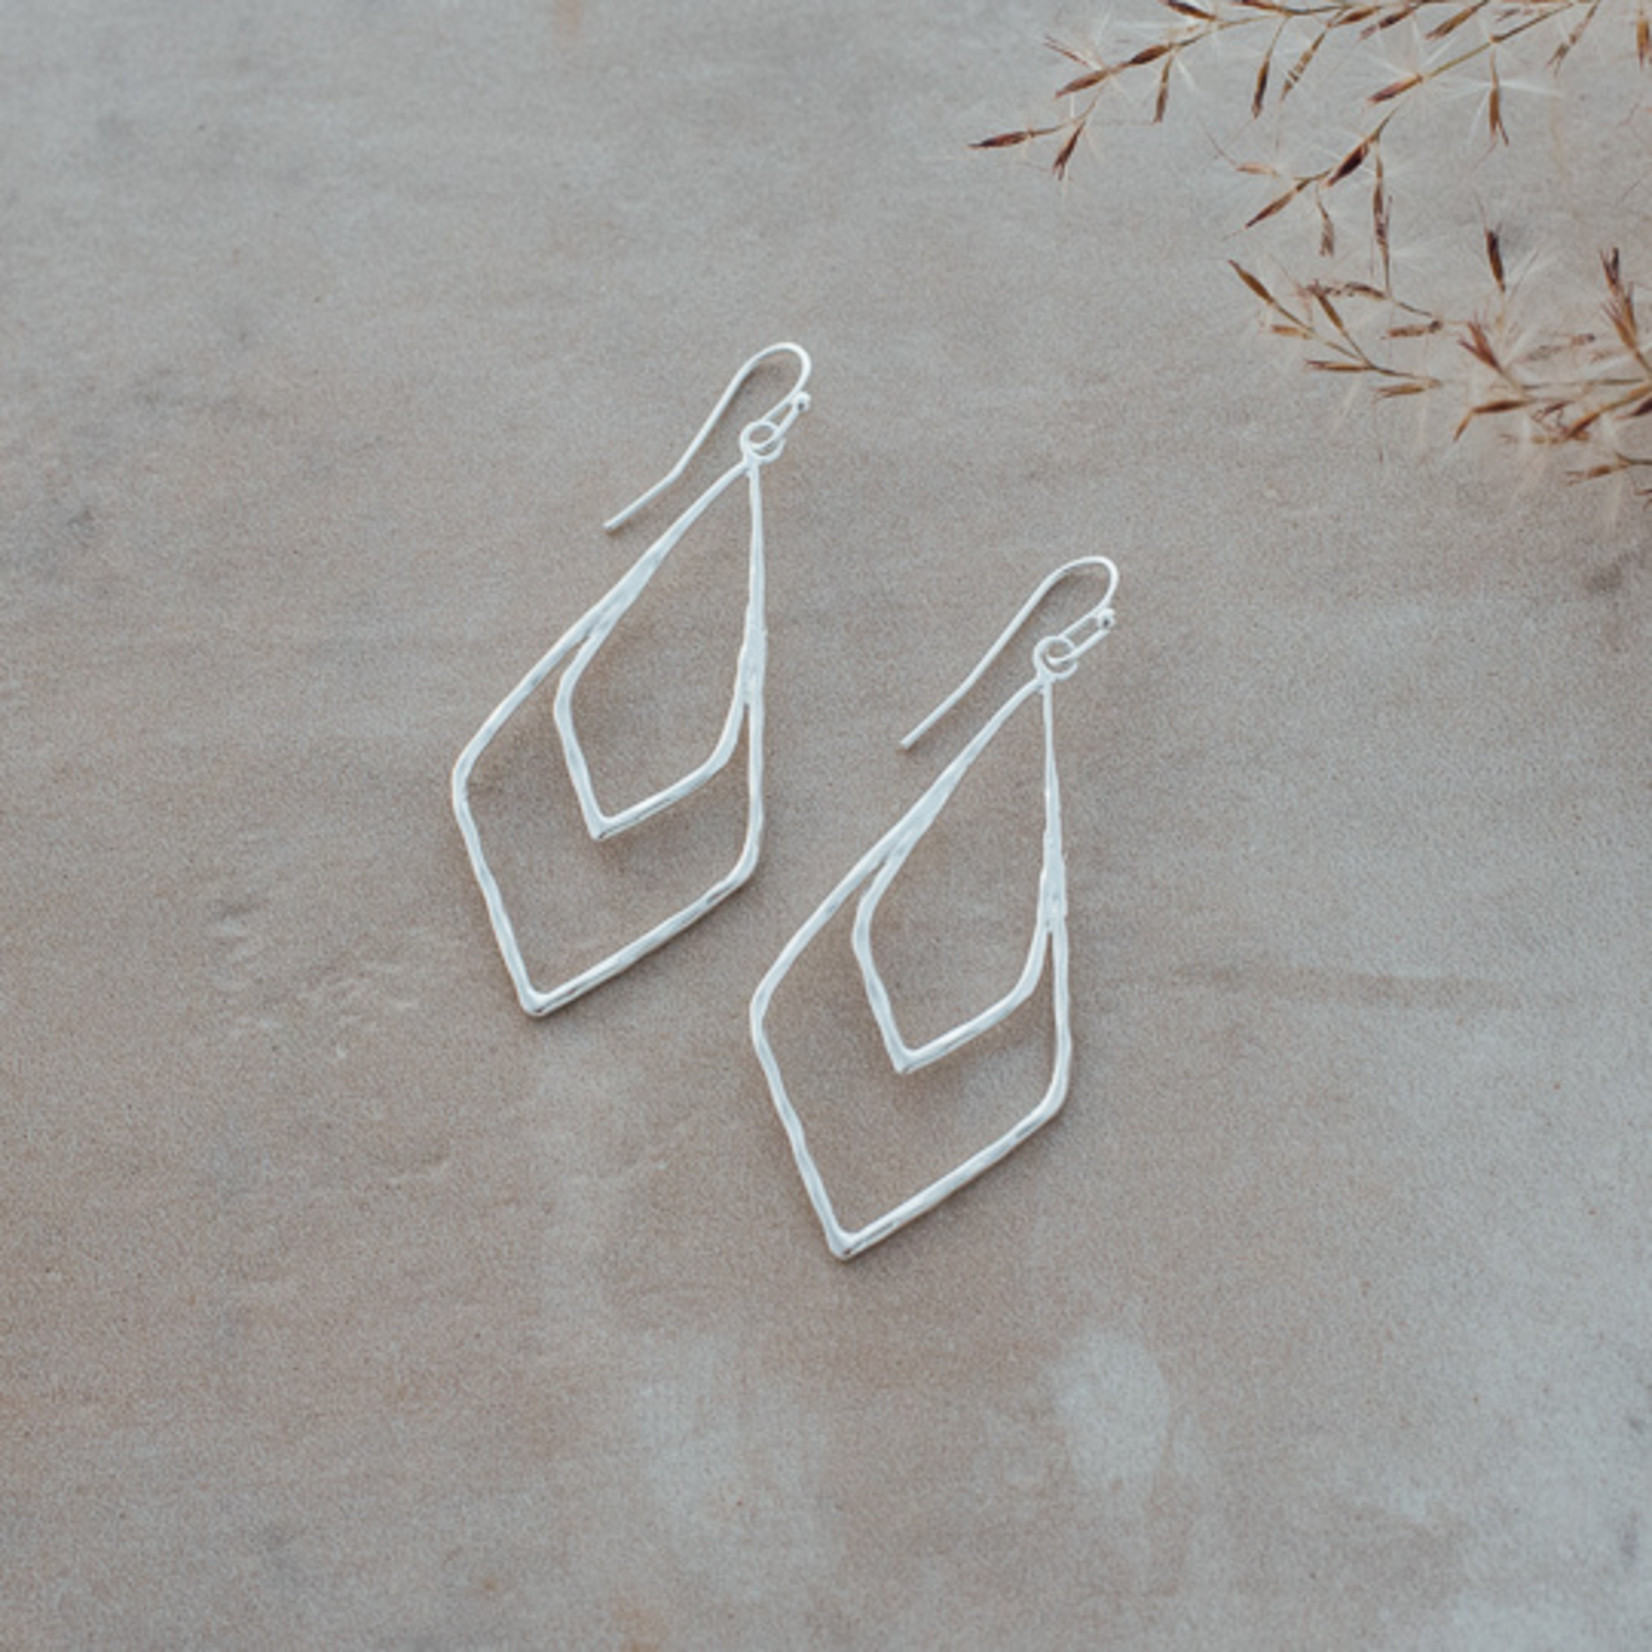 Glee Jewelry ~ Jude Earrings